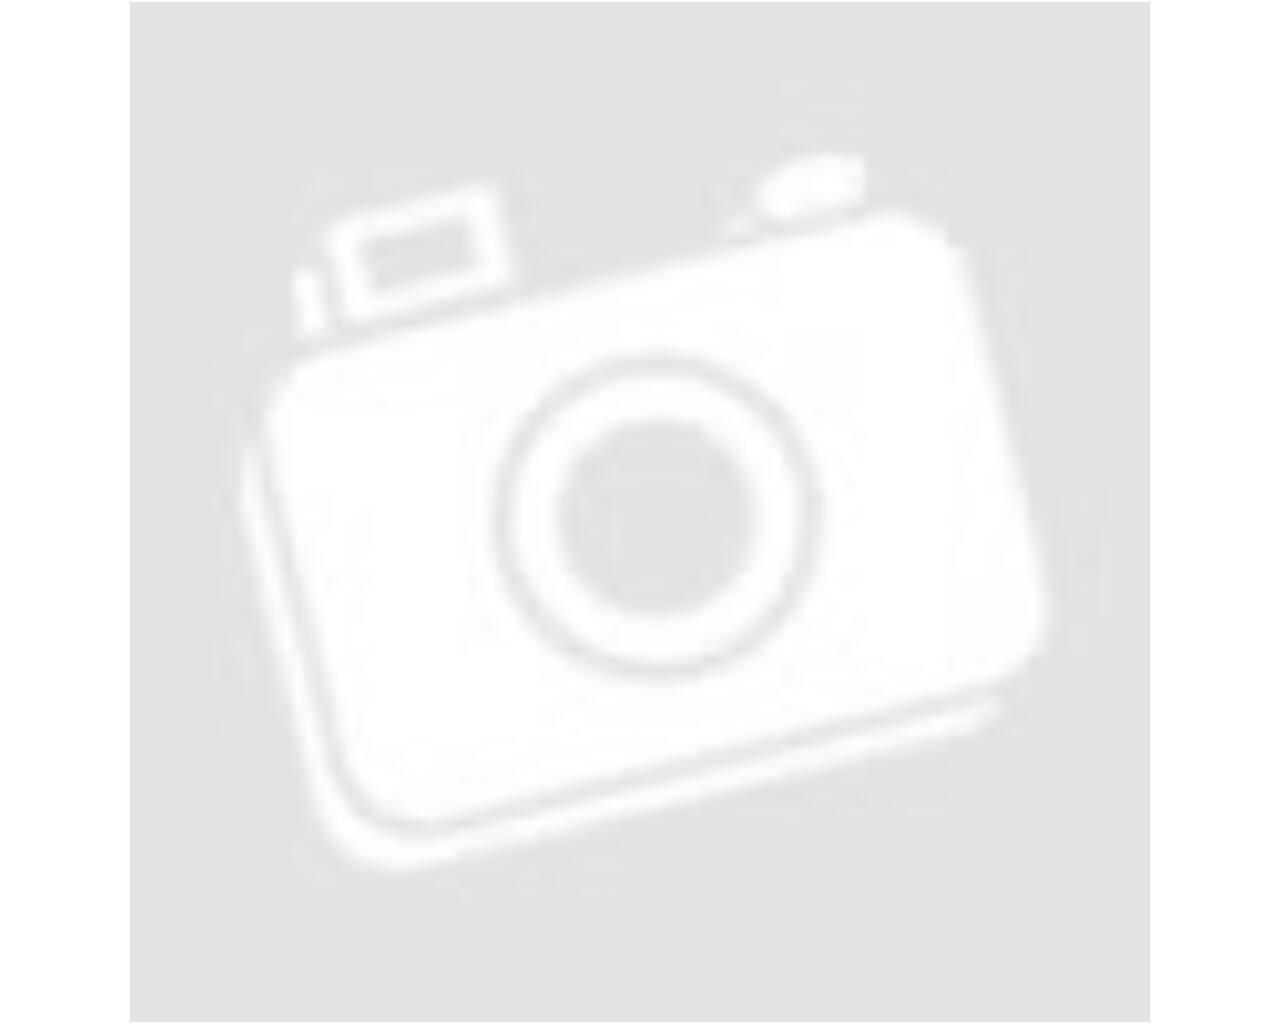 Beltéri, univerzális járólap 33,9 x 47,3 cm